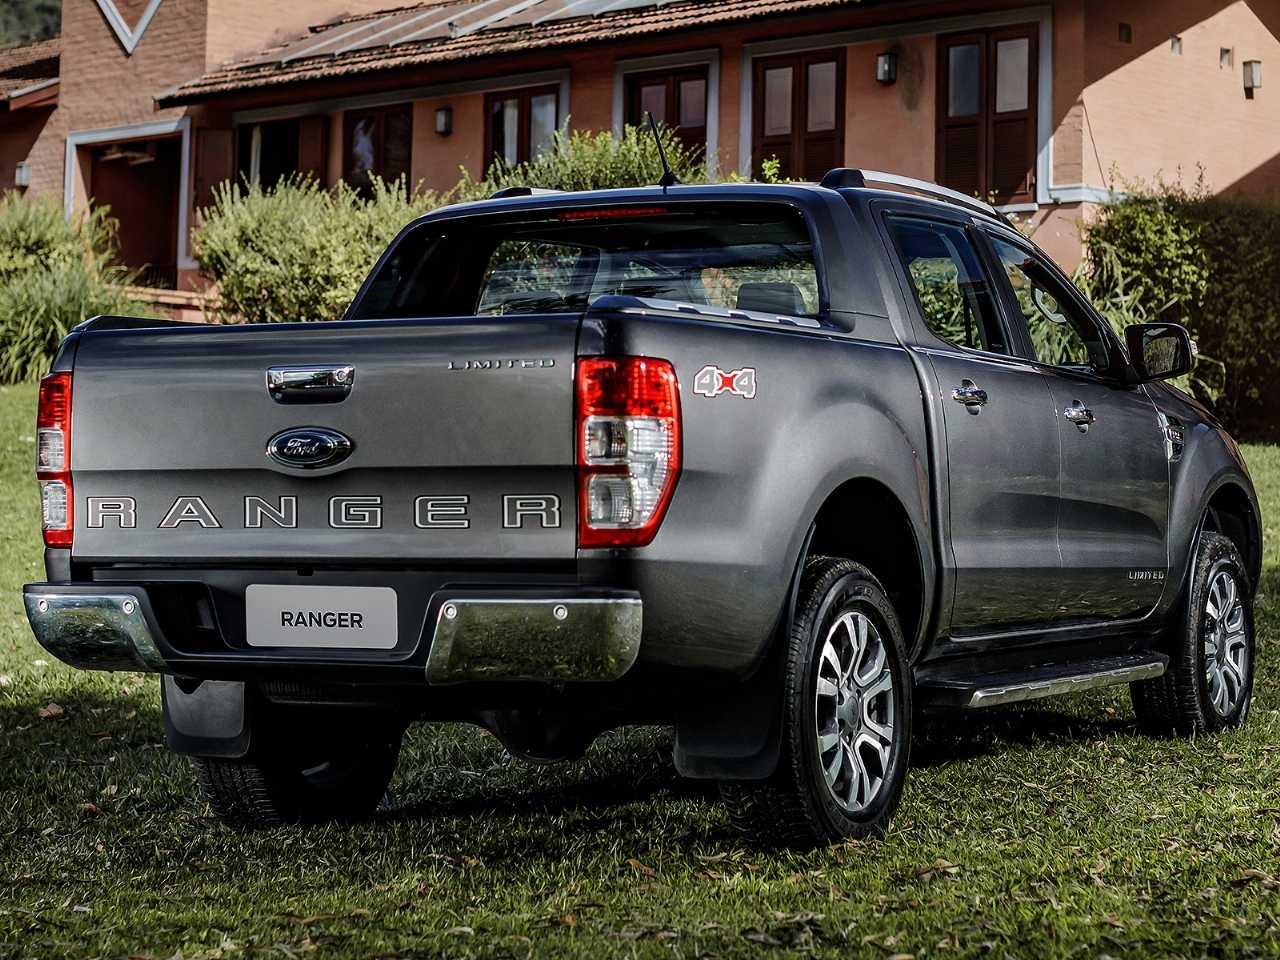 galeria de fotos  ford ranger 2020 chega ao mercado com novo visual e mais equipada